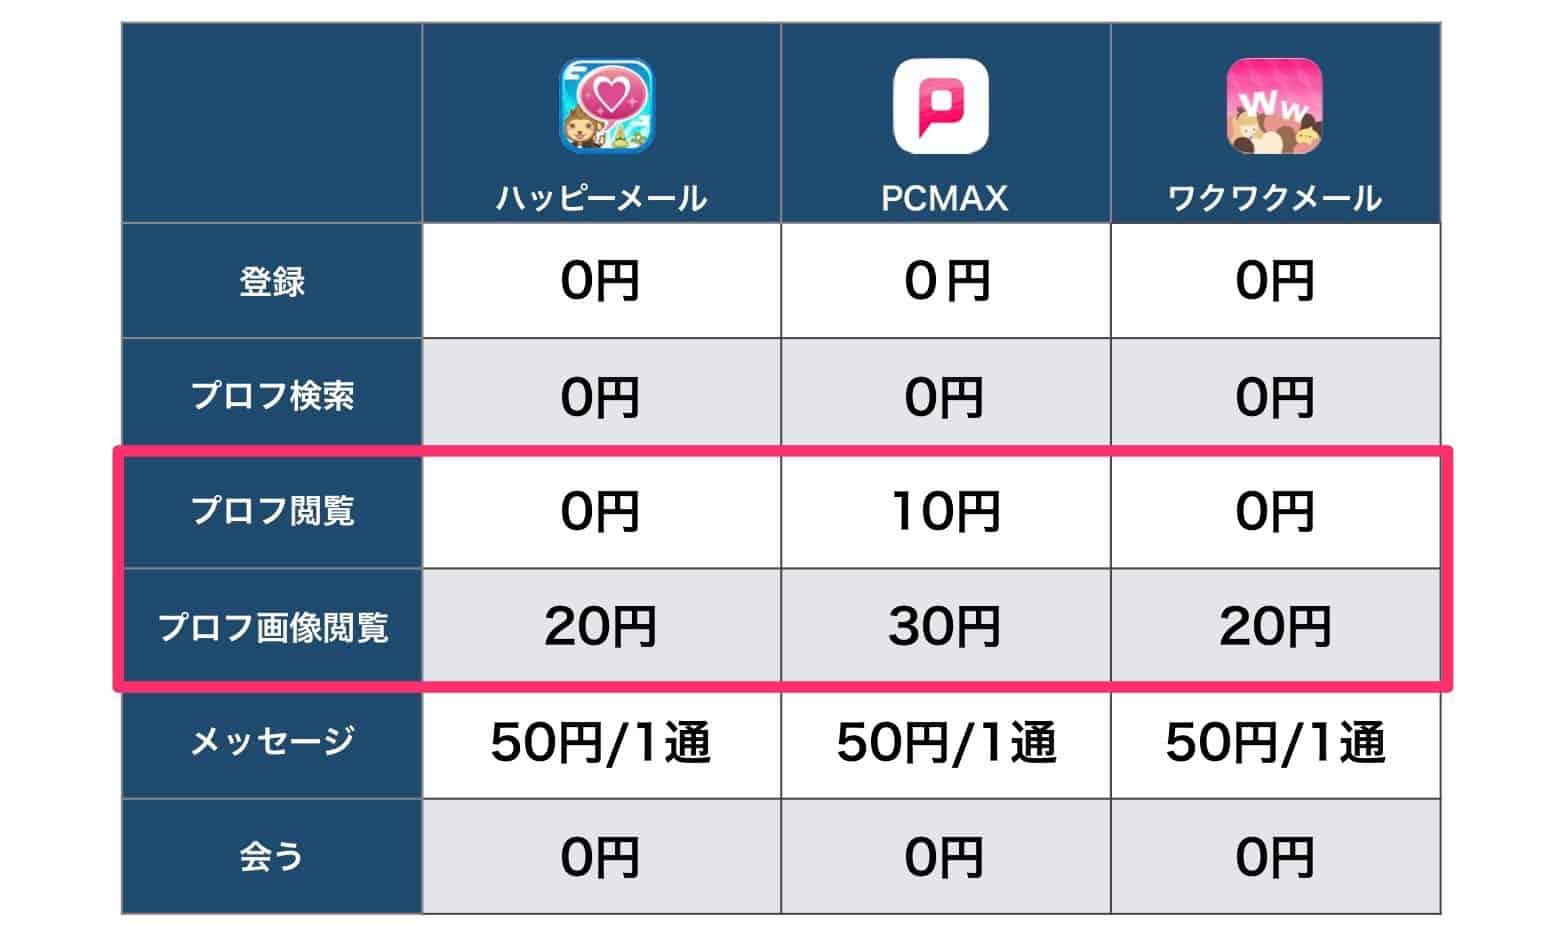 3つの出会い系アプリの料金比較表